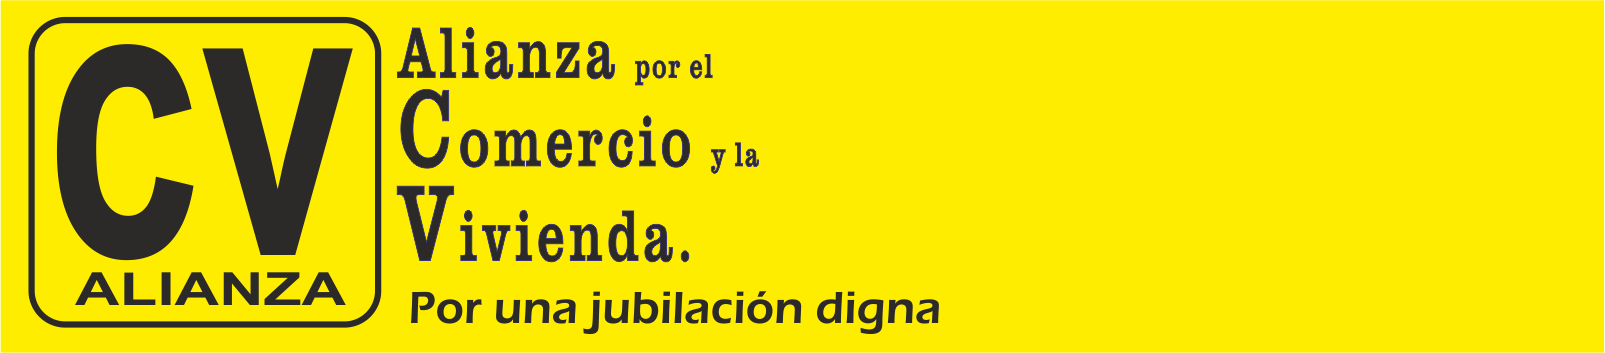 ALIANZA POR EL COMERCIO Y LA VIVIENDA por una jubilación digna logo